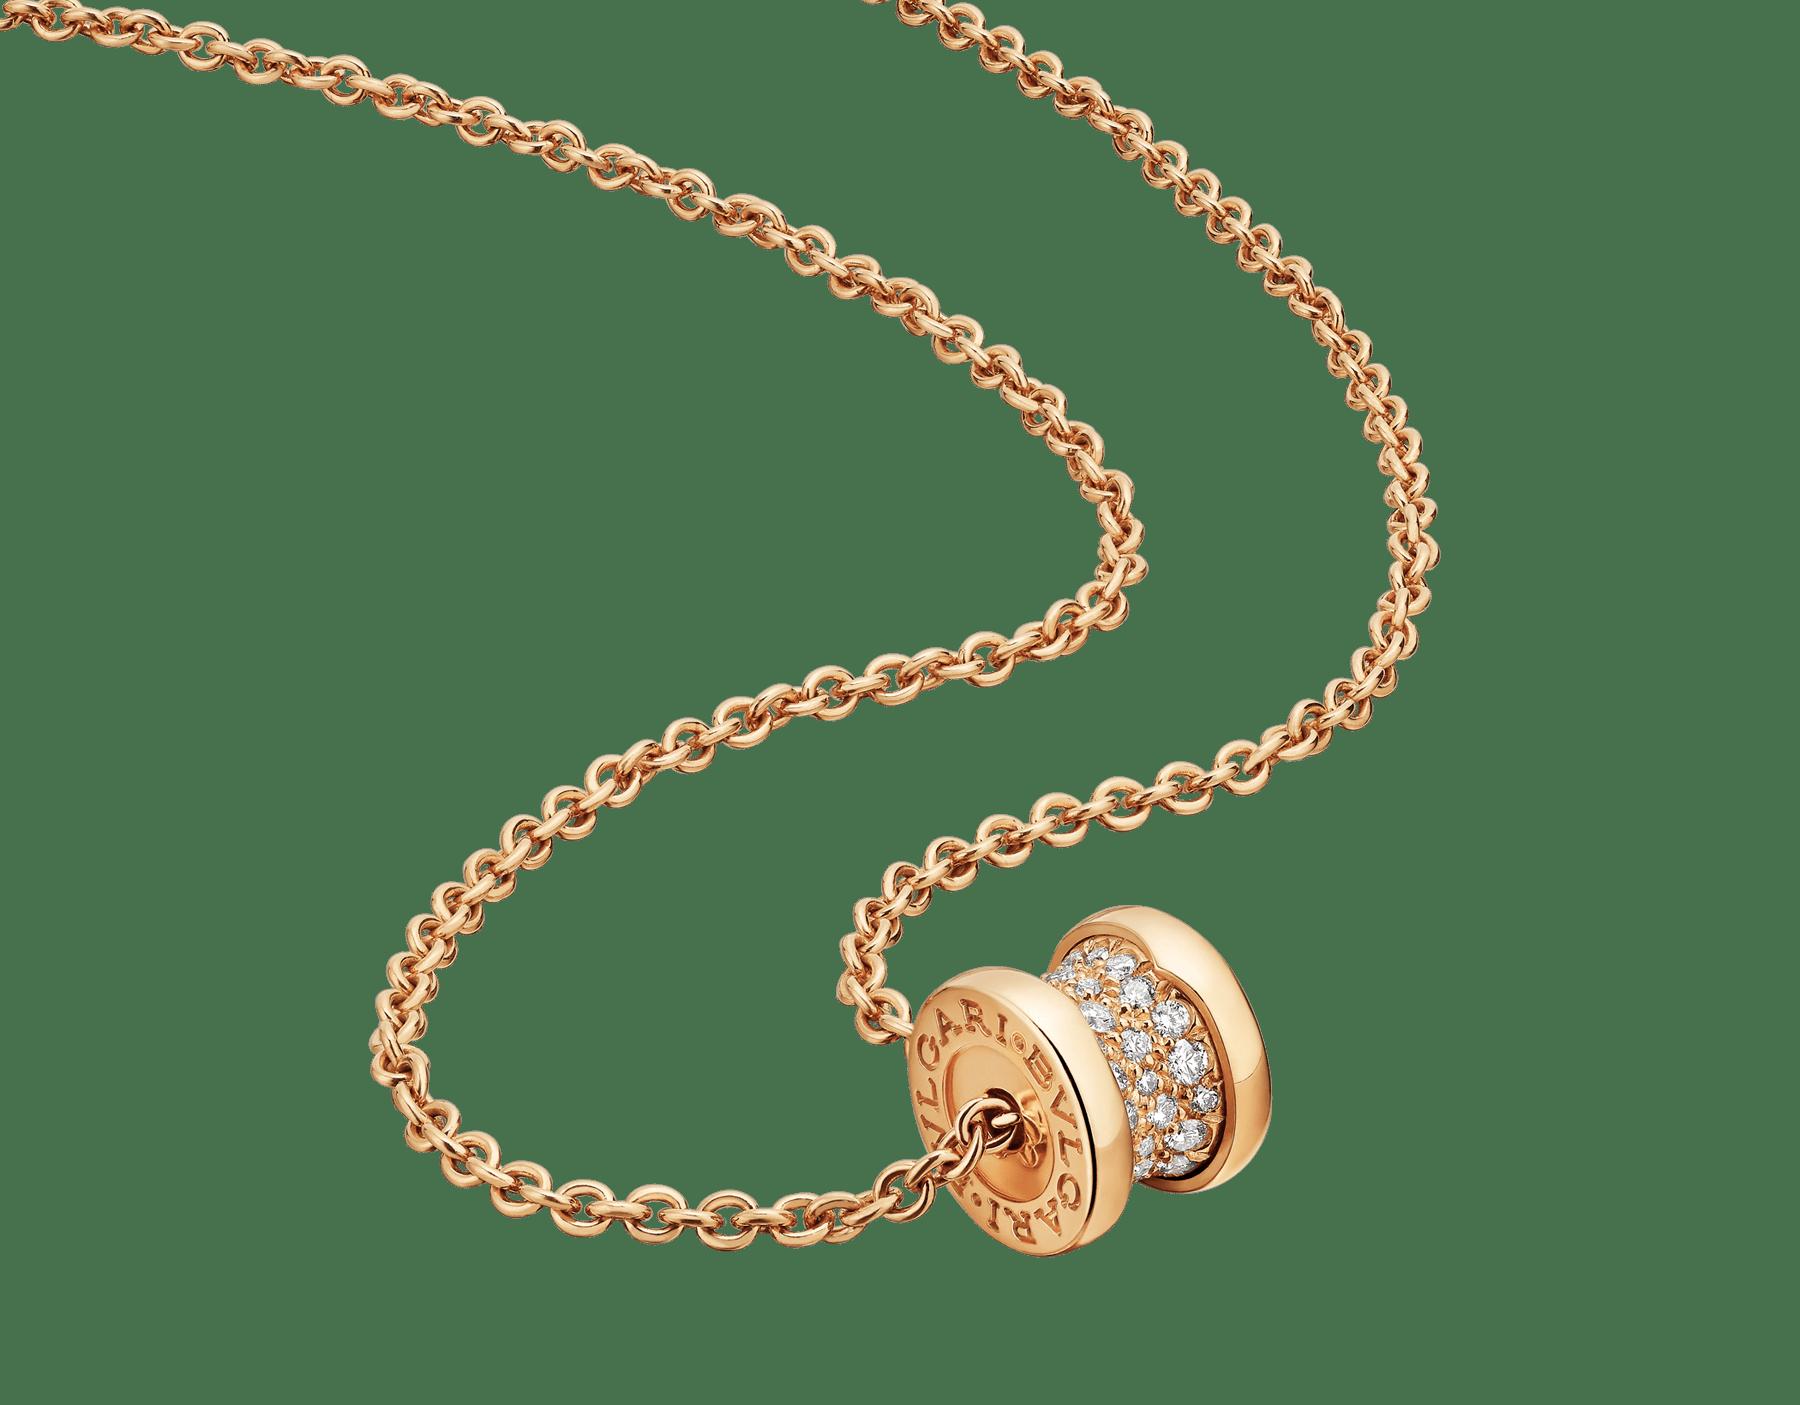 Collier B.zero1 en or jaune 18K avec pavé diamants sur la spirale 357496 image 1